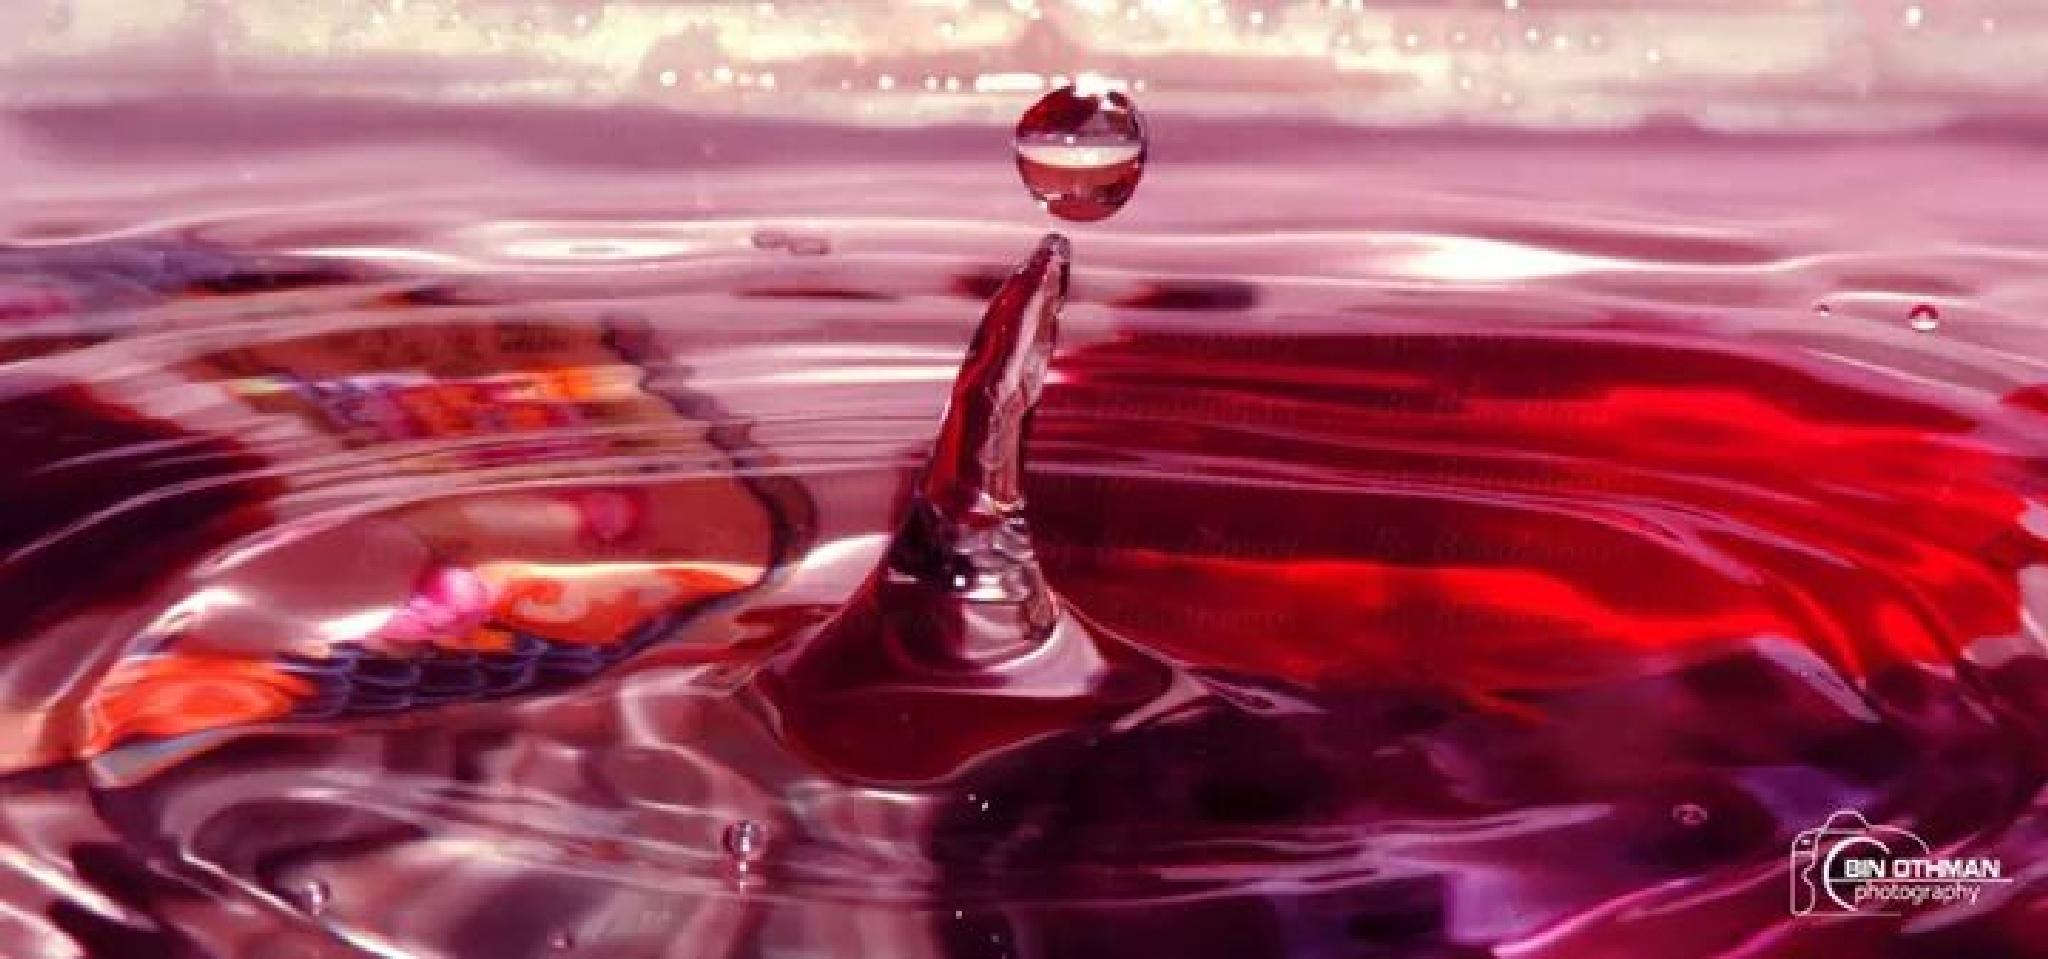 splash by Mohammed Bin Othman